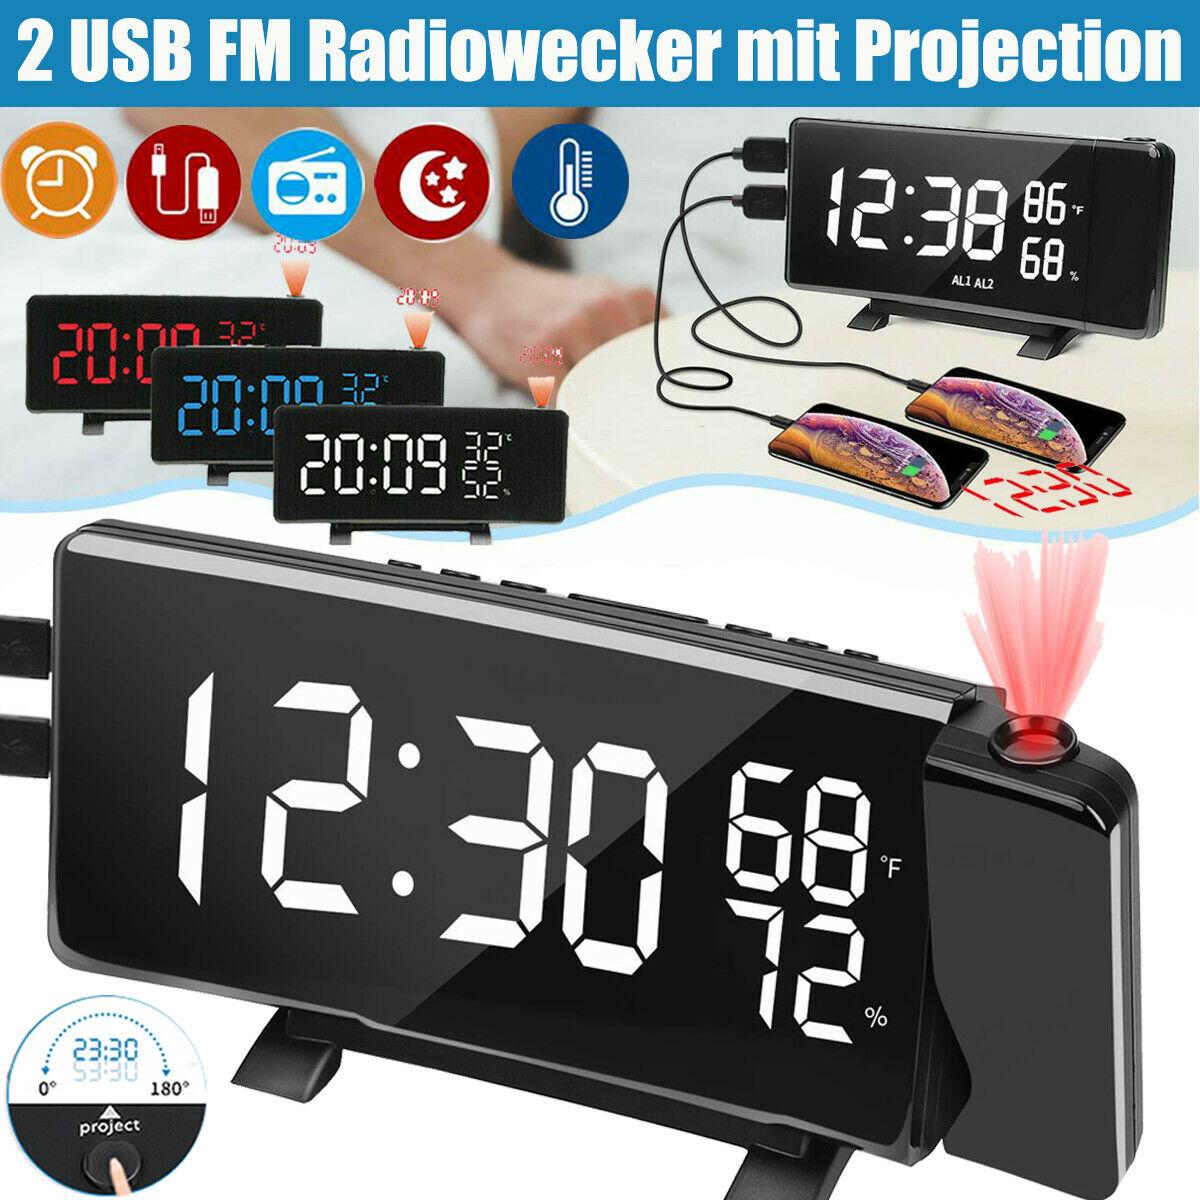 2Xusb Digitale Radio Klok Met Projectie Klok Sleeper Wekker Led Screen Radio Weersverwachting Klok Thermo-Hygrometer